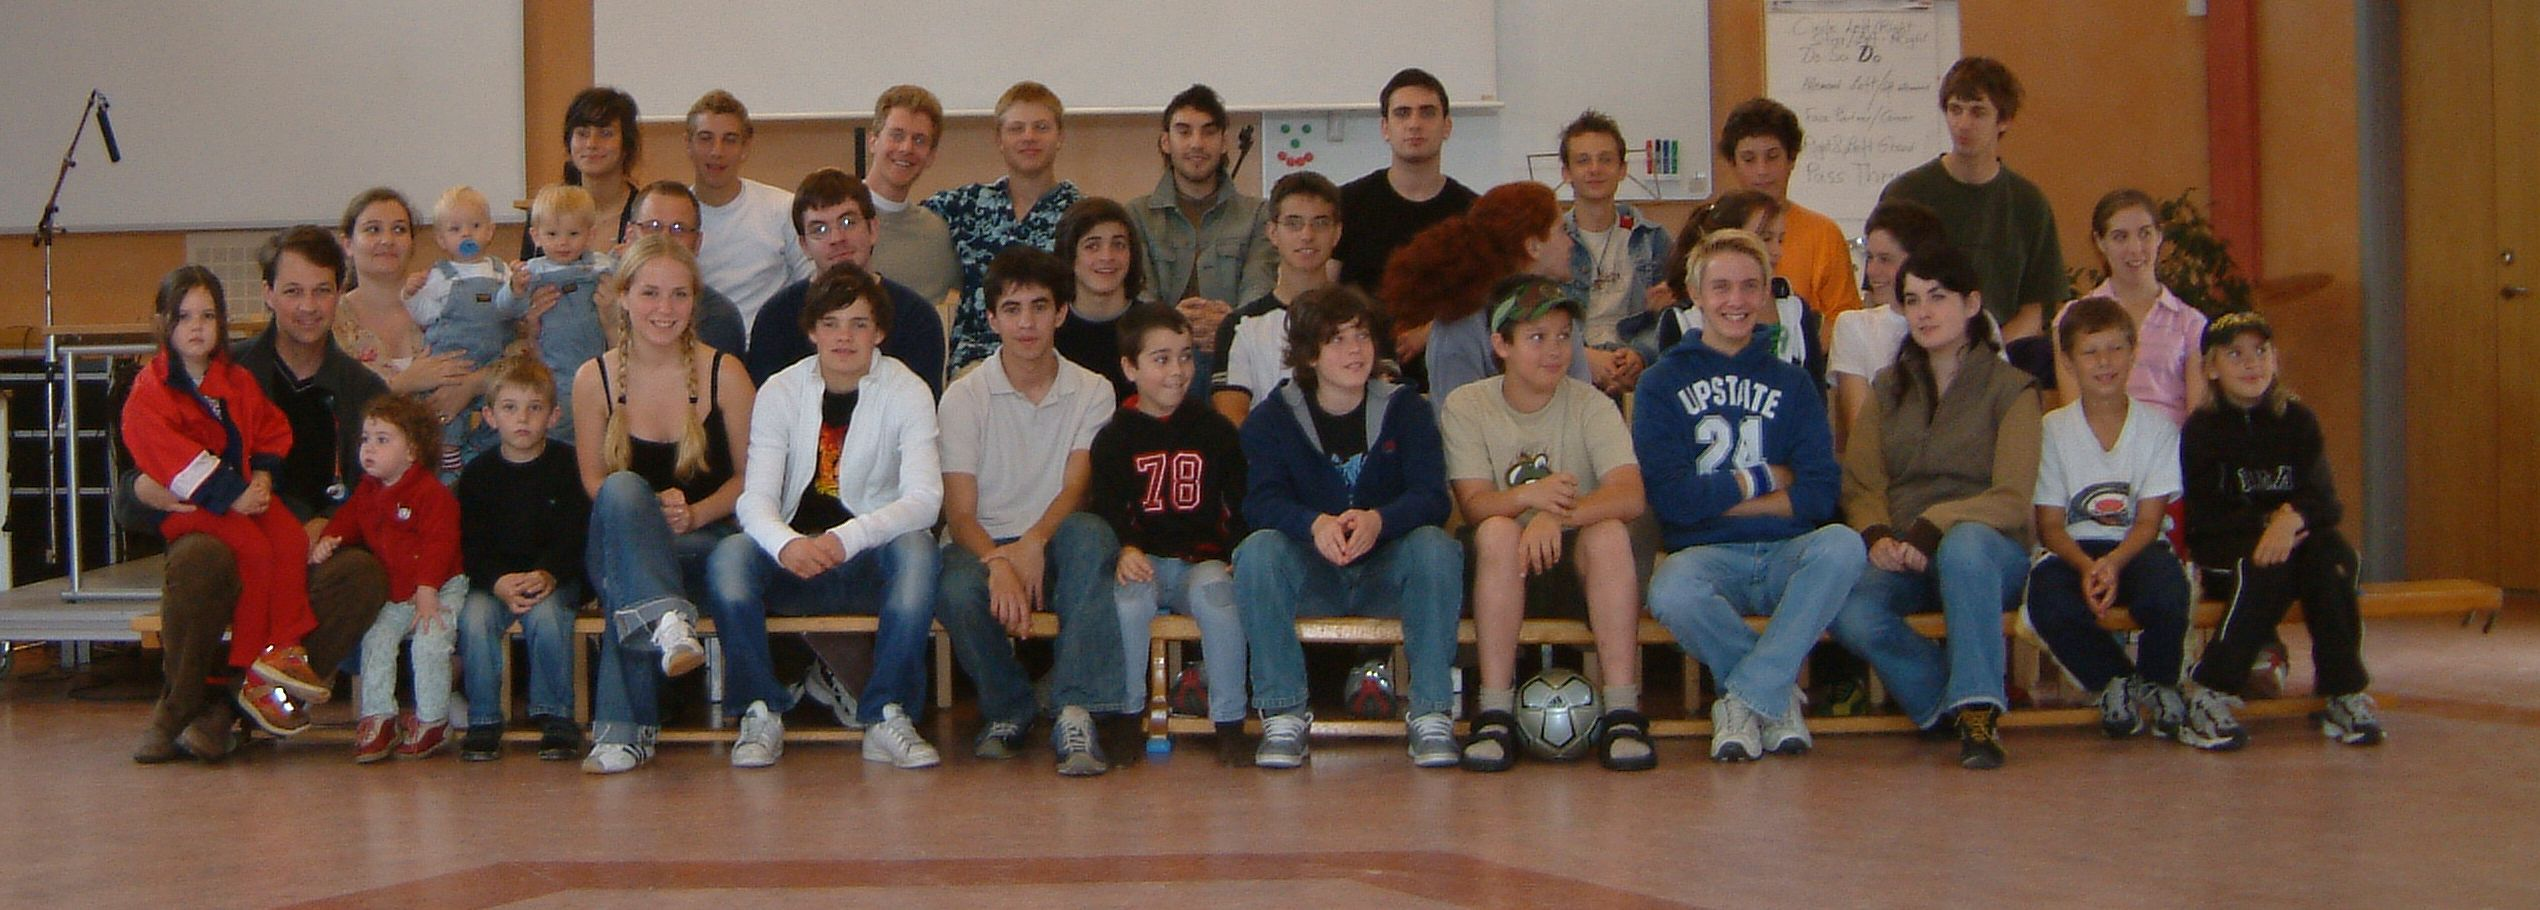 Mullsjo_2004-kids